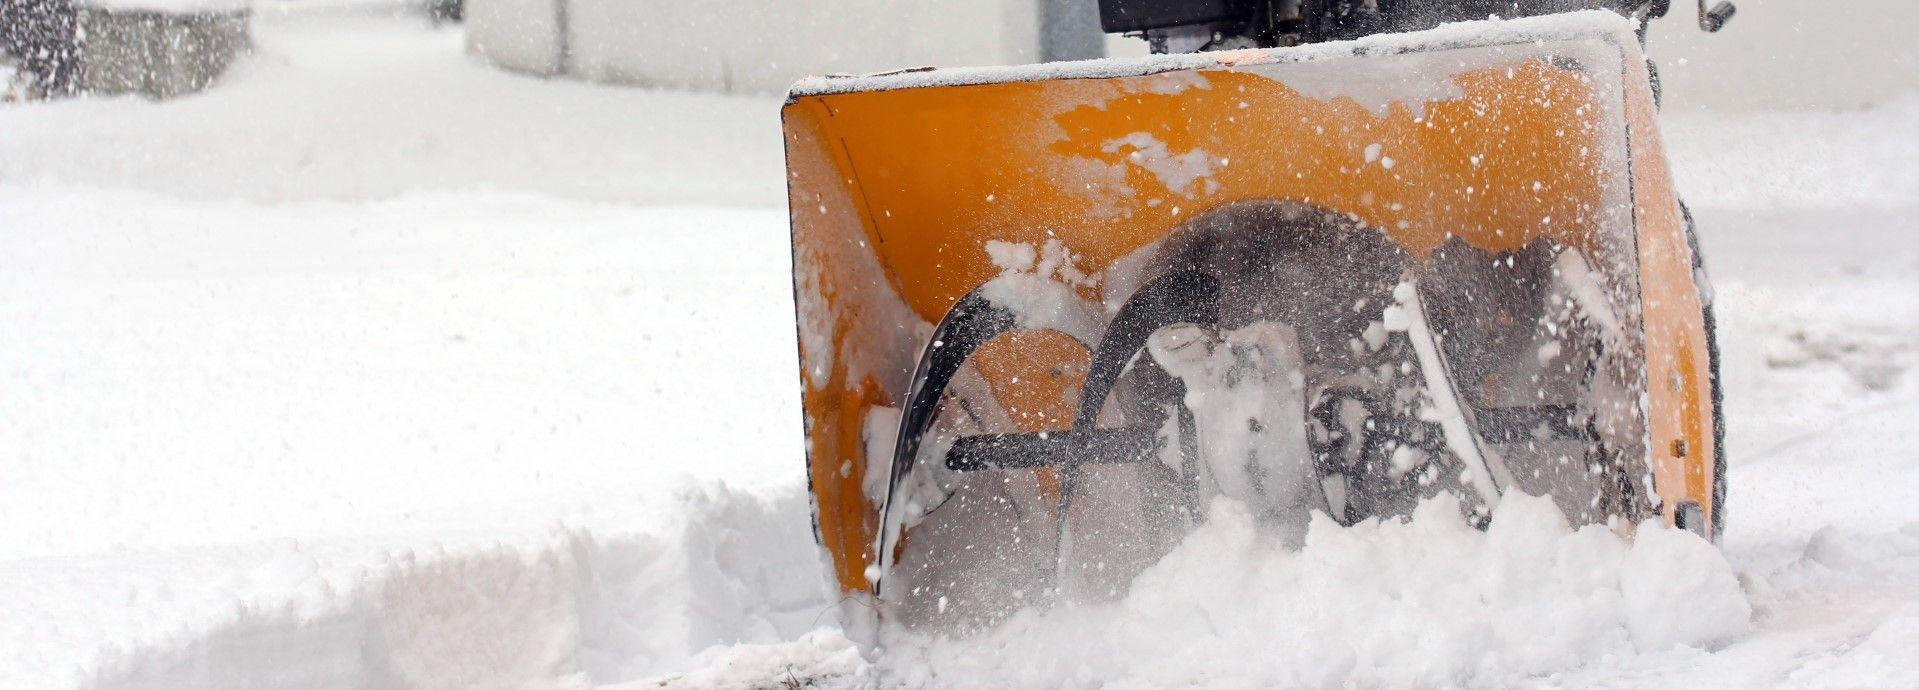 La Guida - Giovedì 14 divieti di sosta per sgombero neve